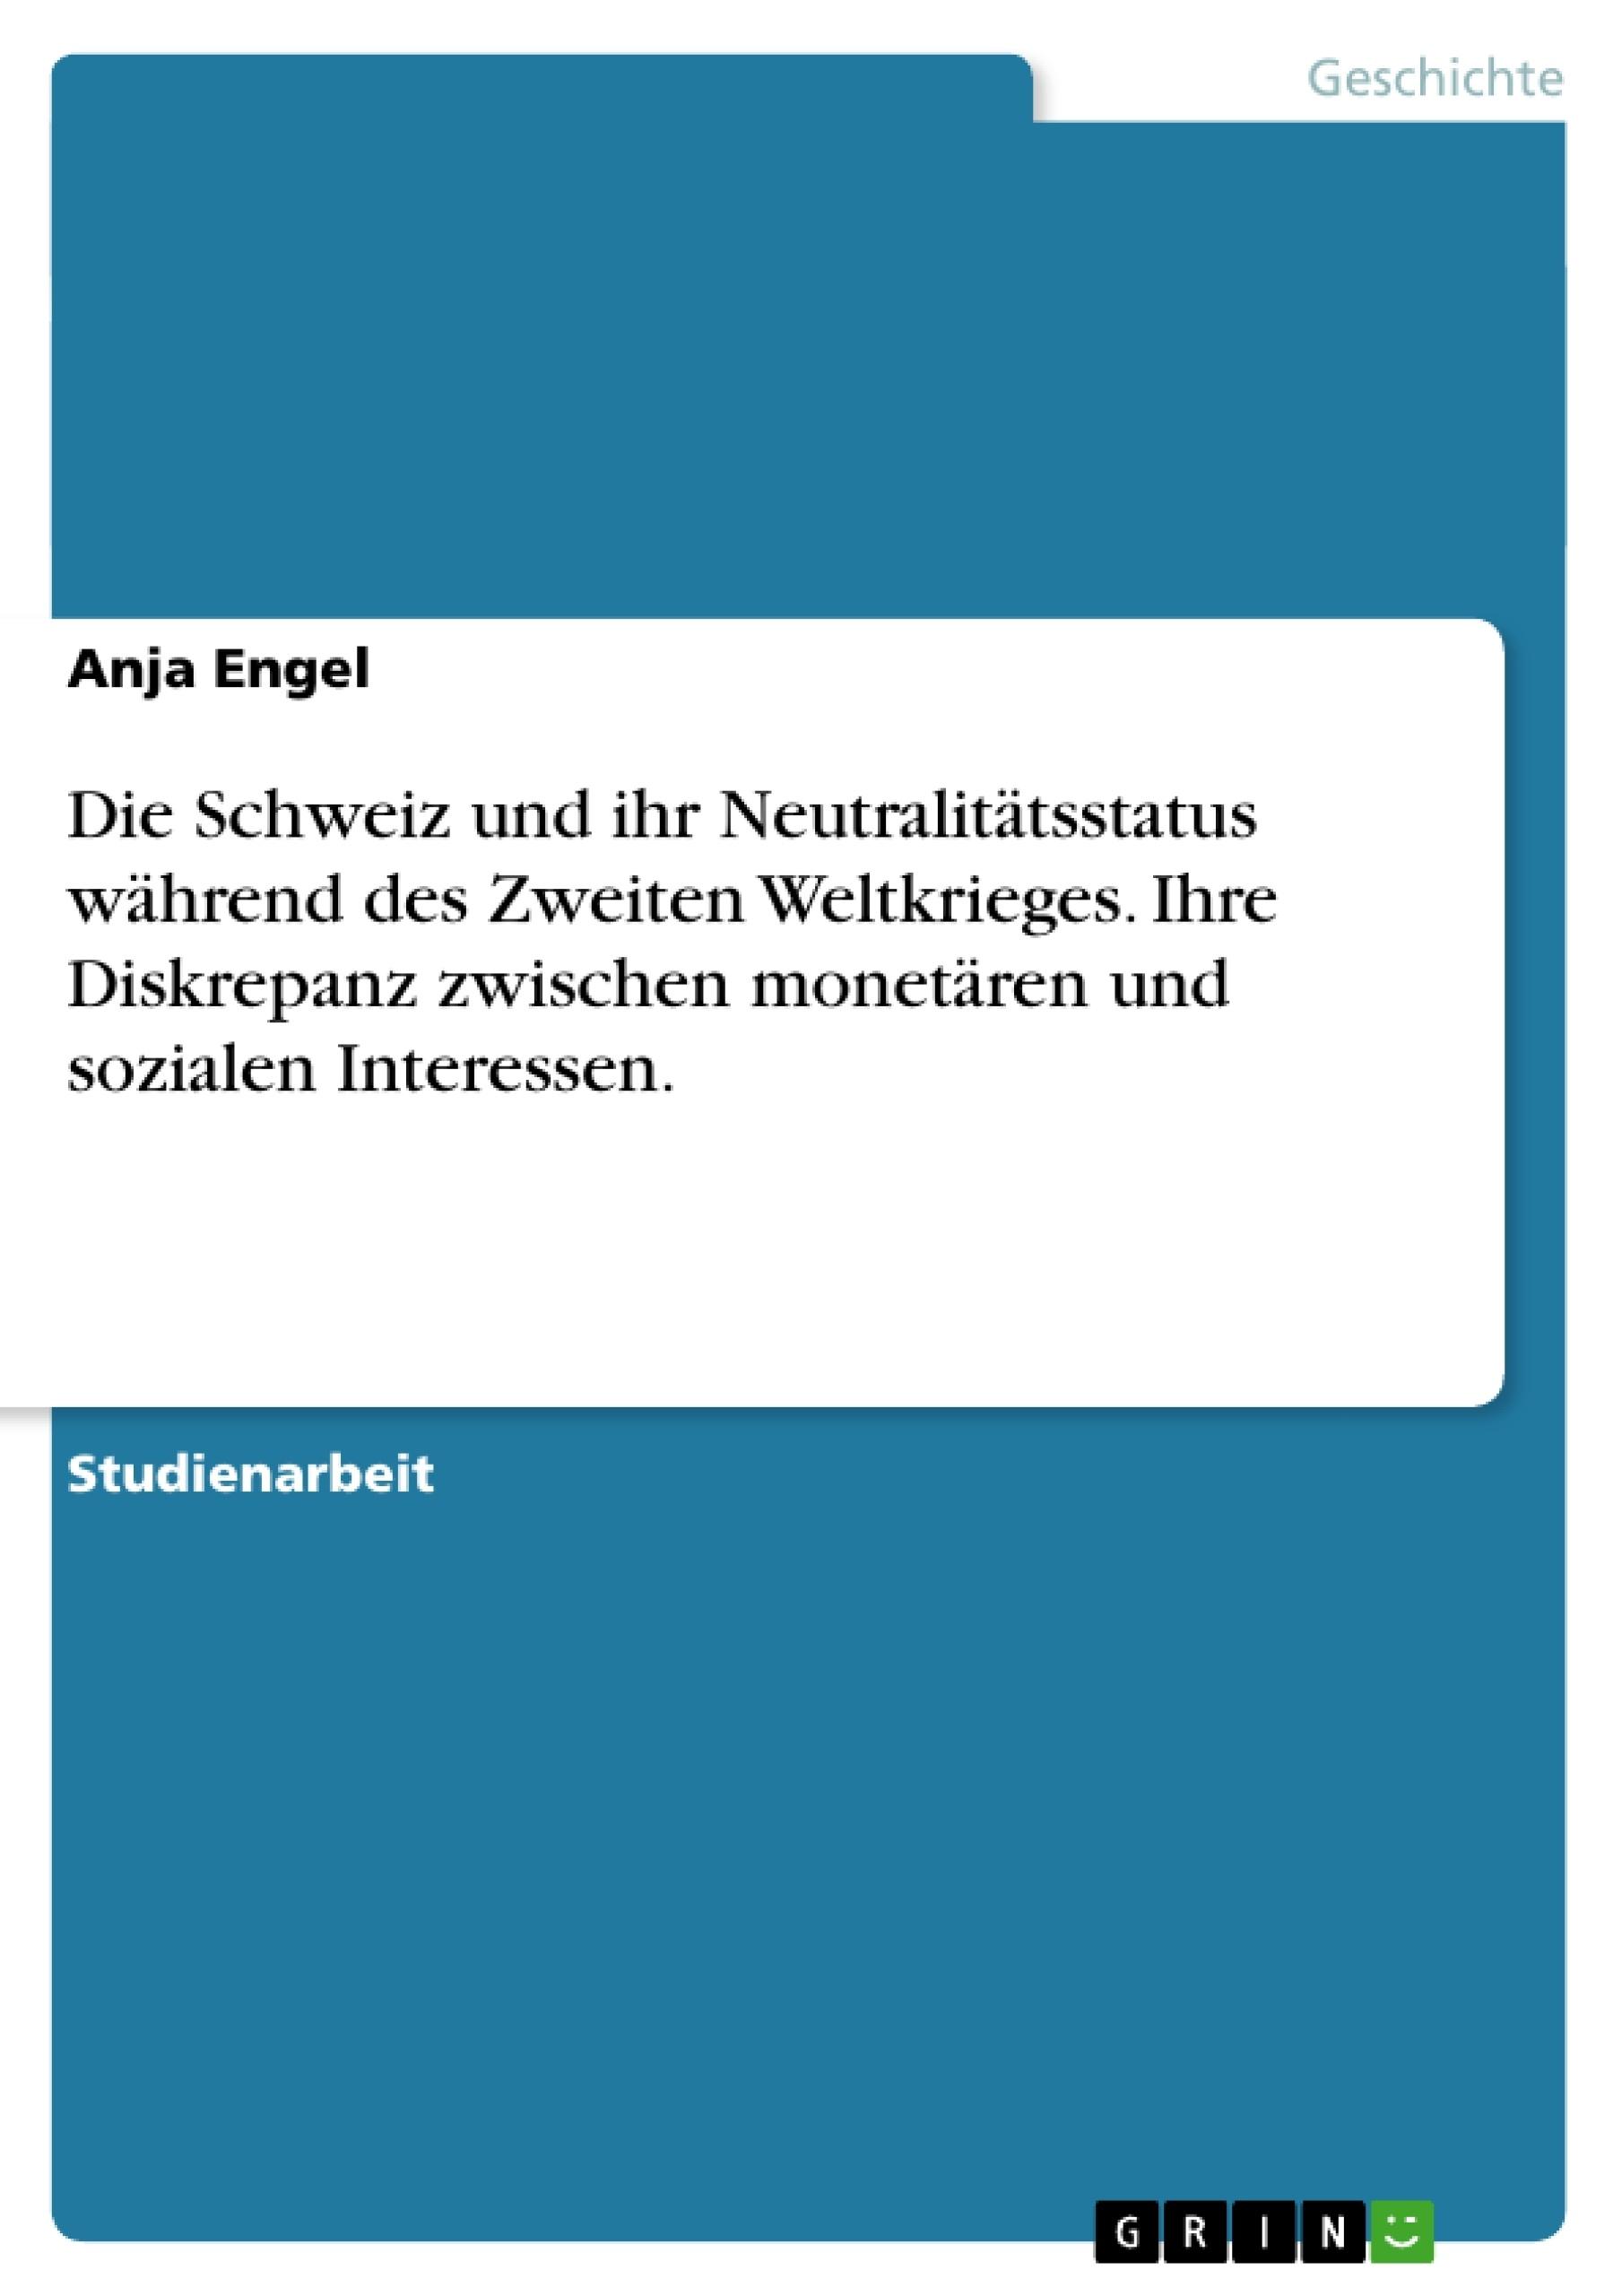 Titel: Die Schweiz und ihr Neutralitätsstatus während des Zweiten Weltkrieges. Ihre Diskrepanz zwischen monetären und sozialen Interessen.